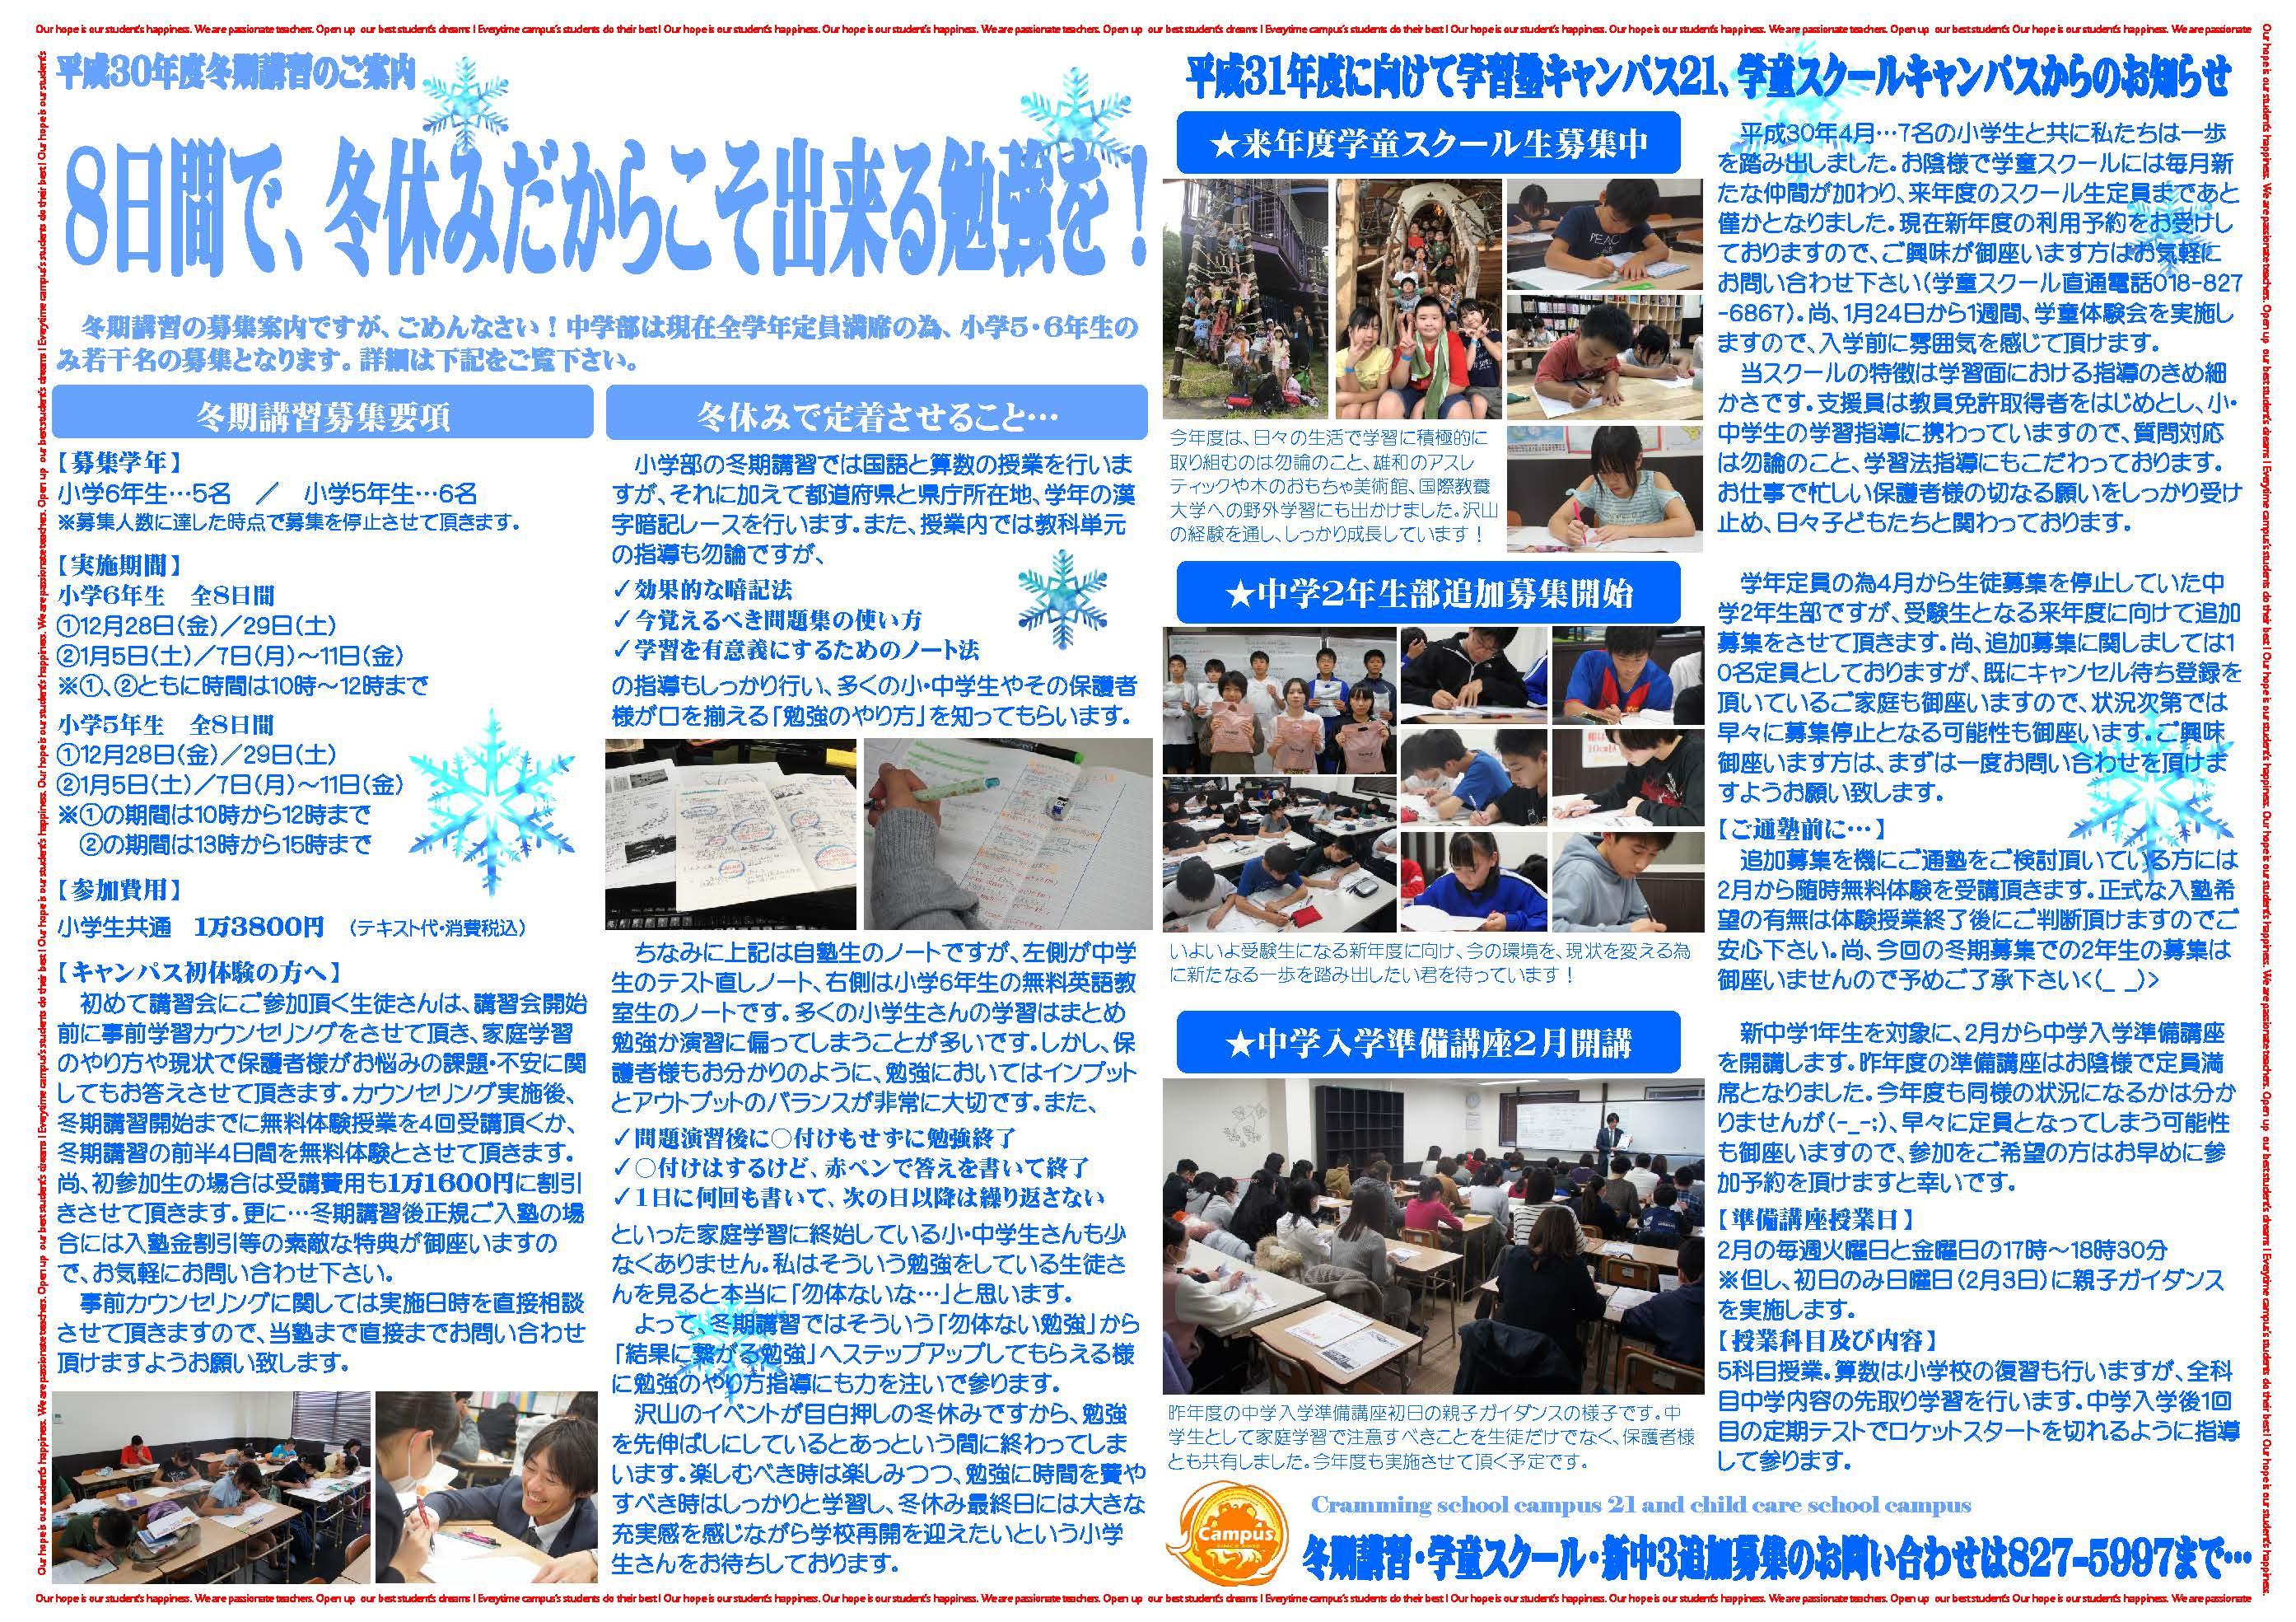 平成30年度キャンパス21泉教室冬期講習のご案内